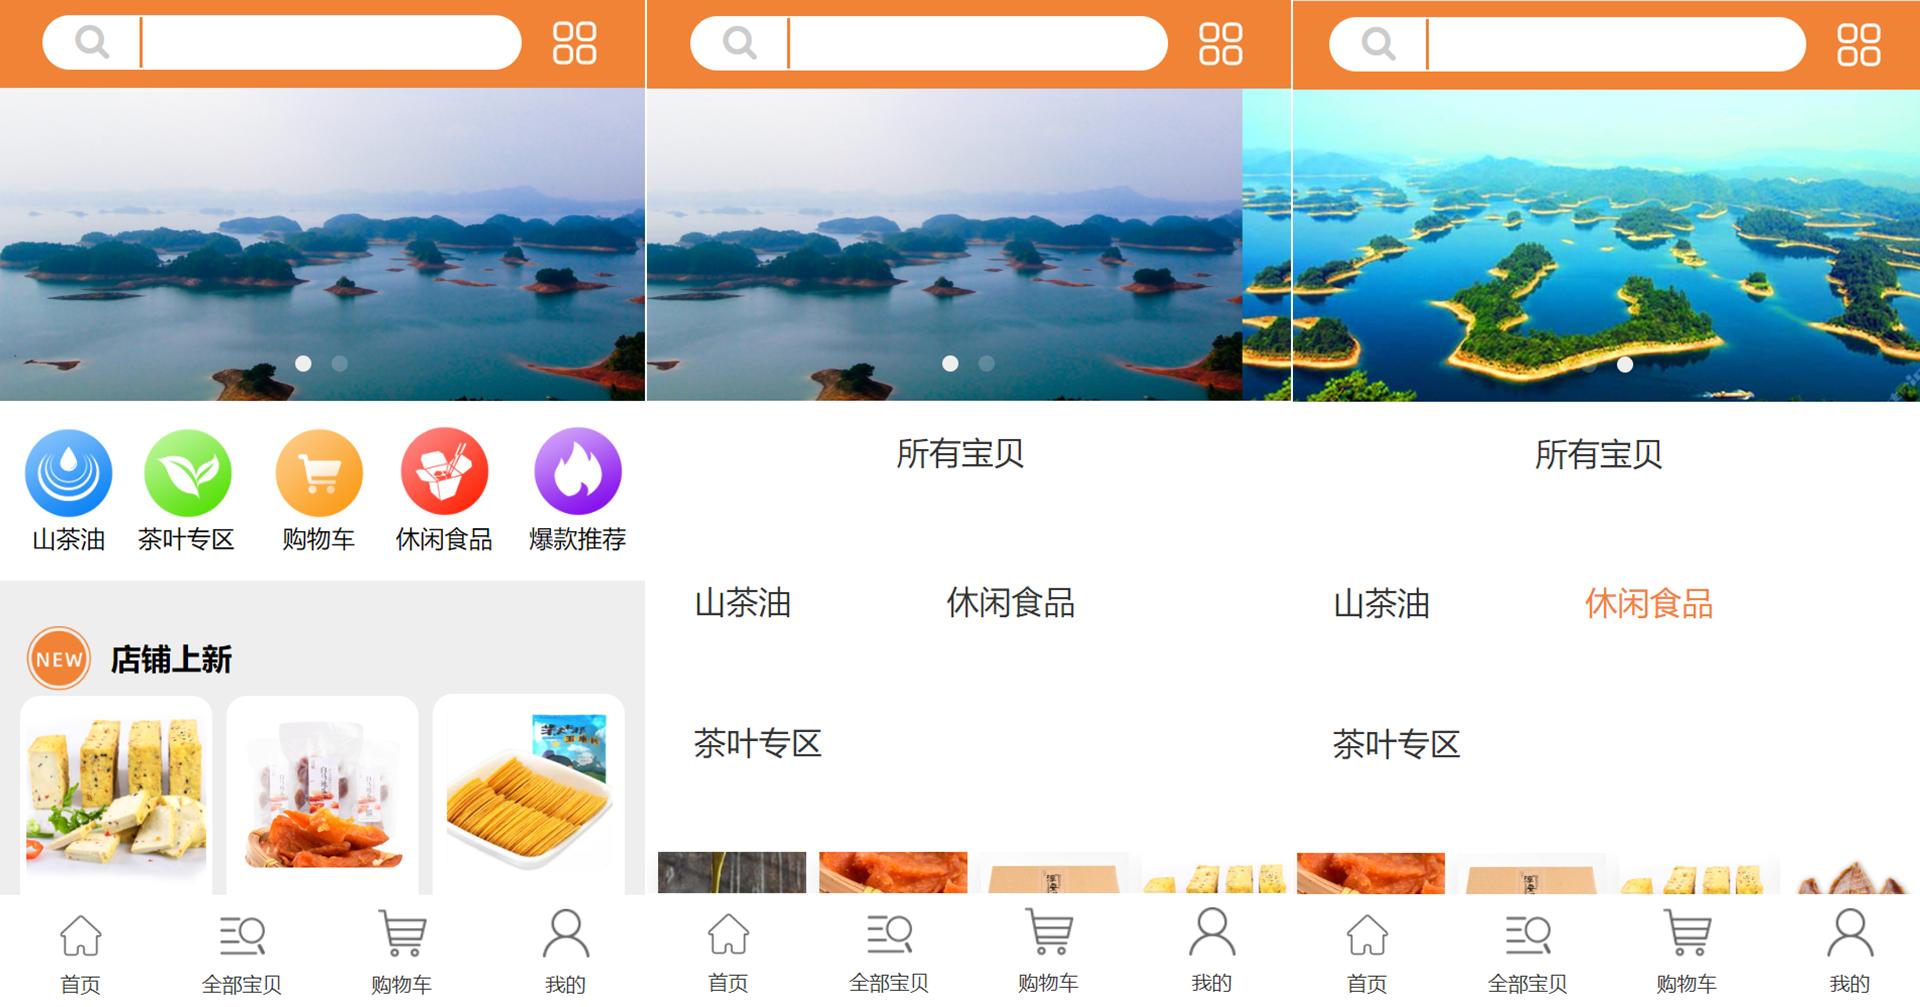 杭州千岛湖木兰野生食品有限公司